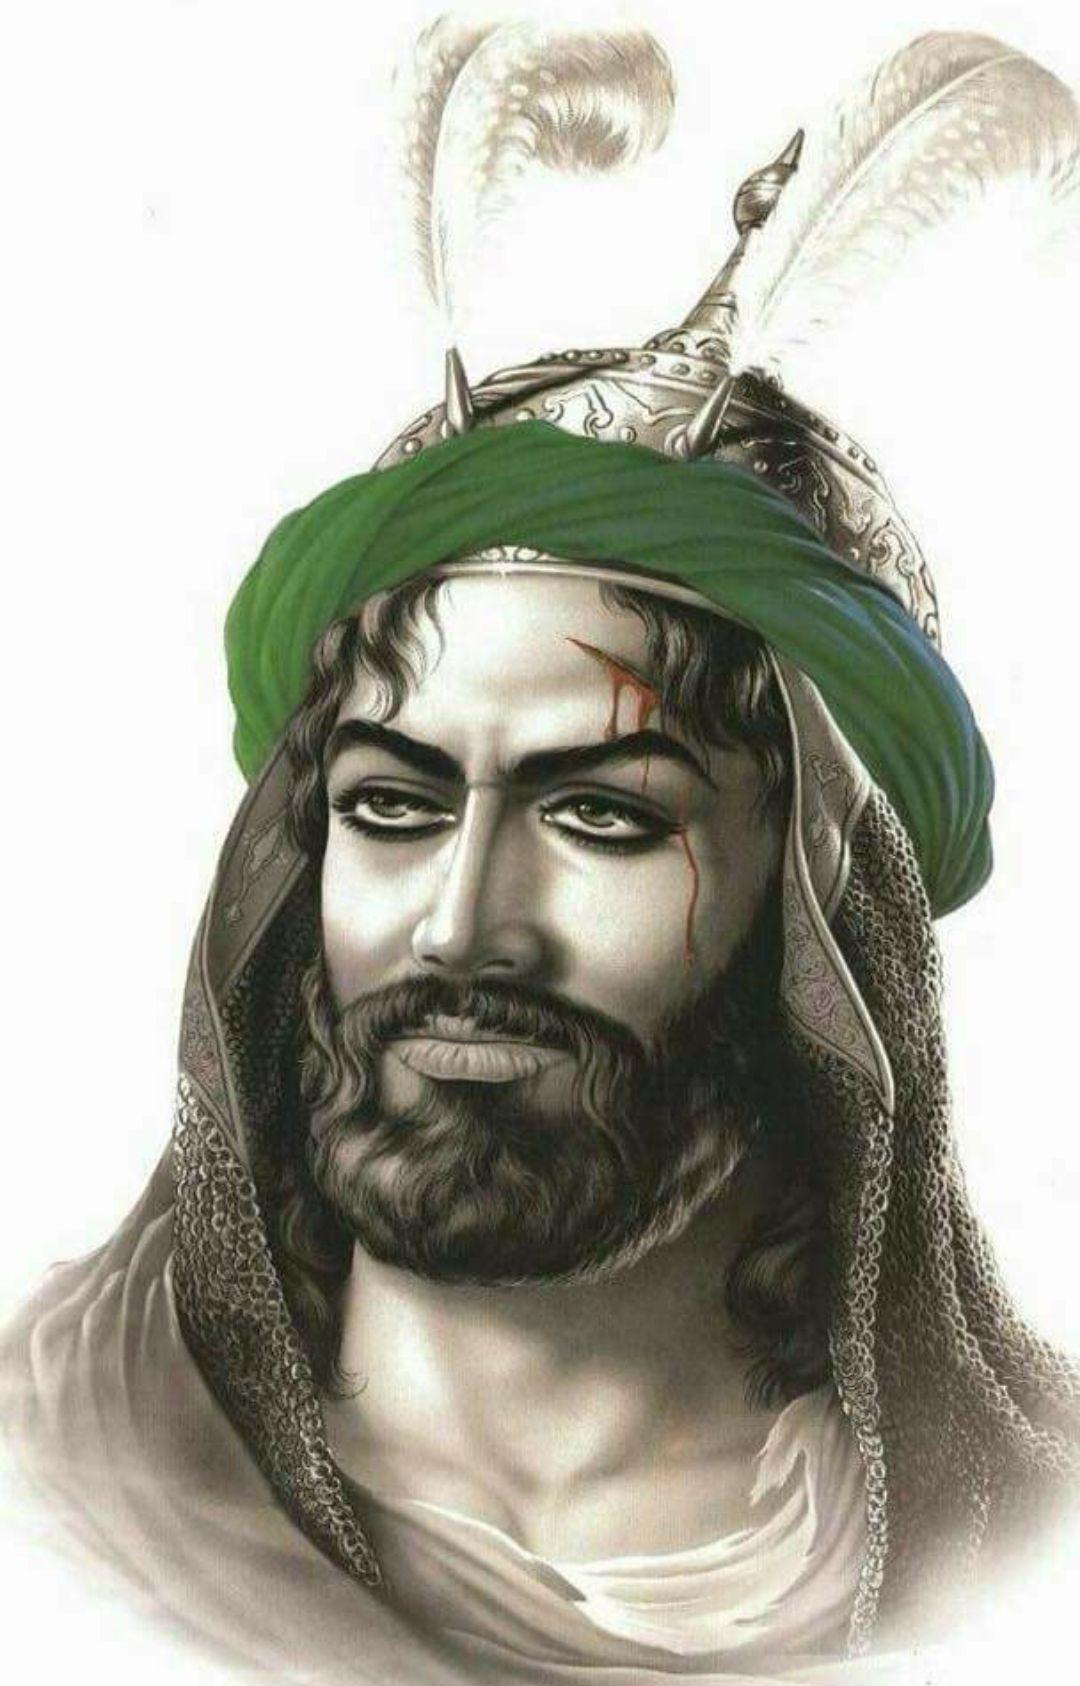 حكم تحير العقول صور الامام ابا الفضل العباس ع In 2021 Islamic Paintings Karbala Photography Islamic Artwork